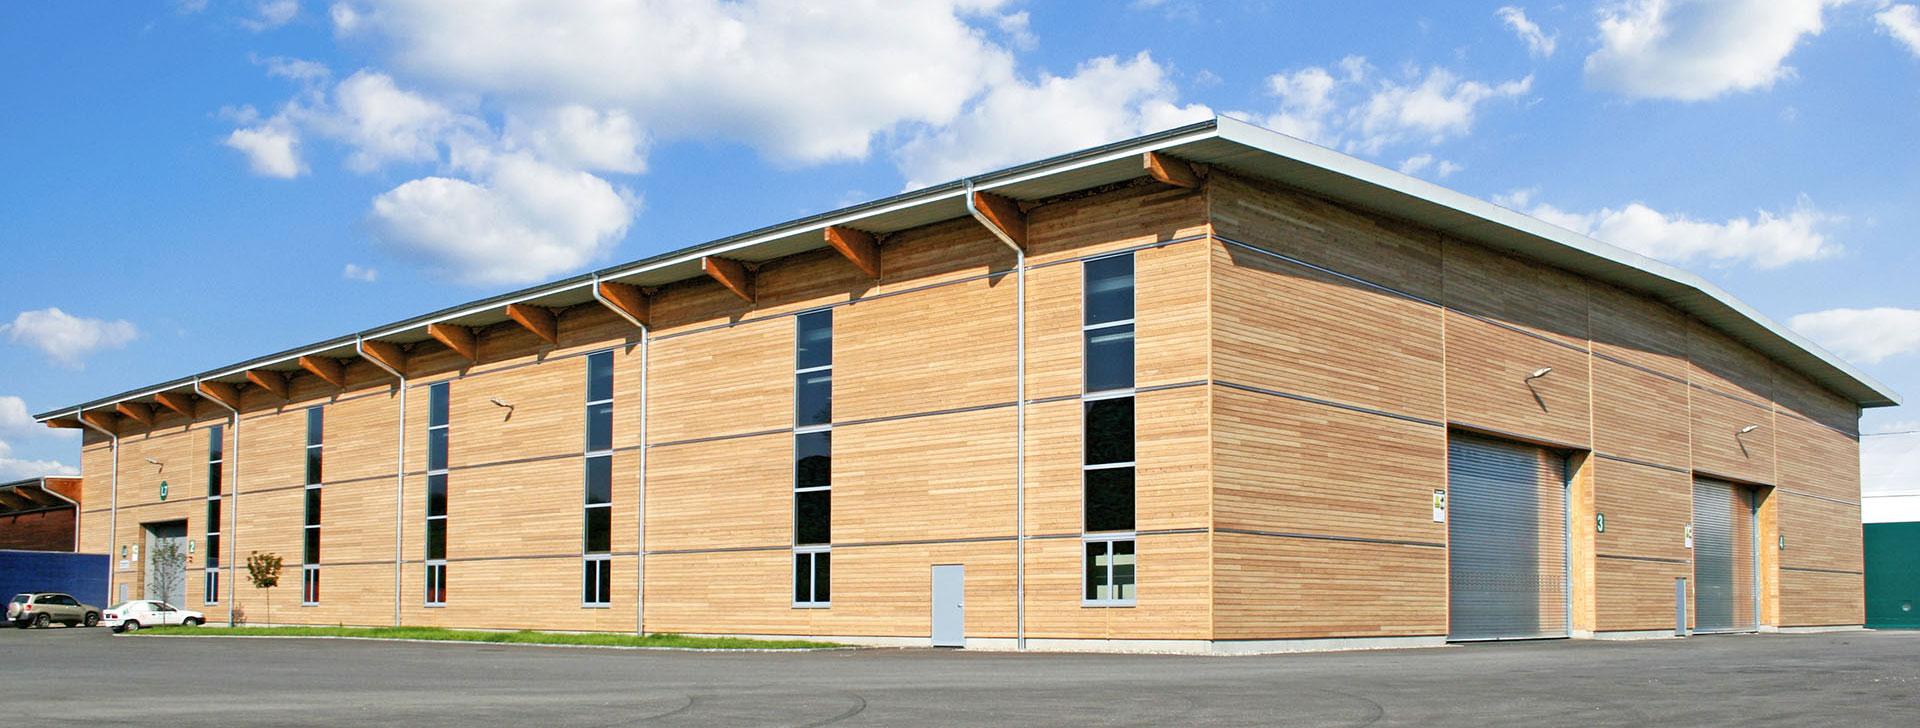 Produktionshalle mit Holzverkleidung